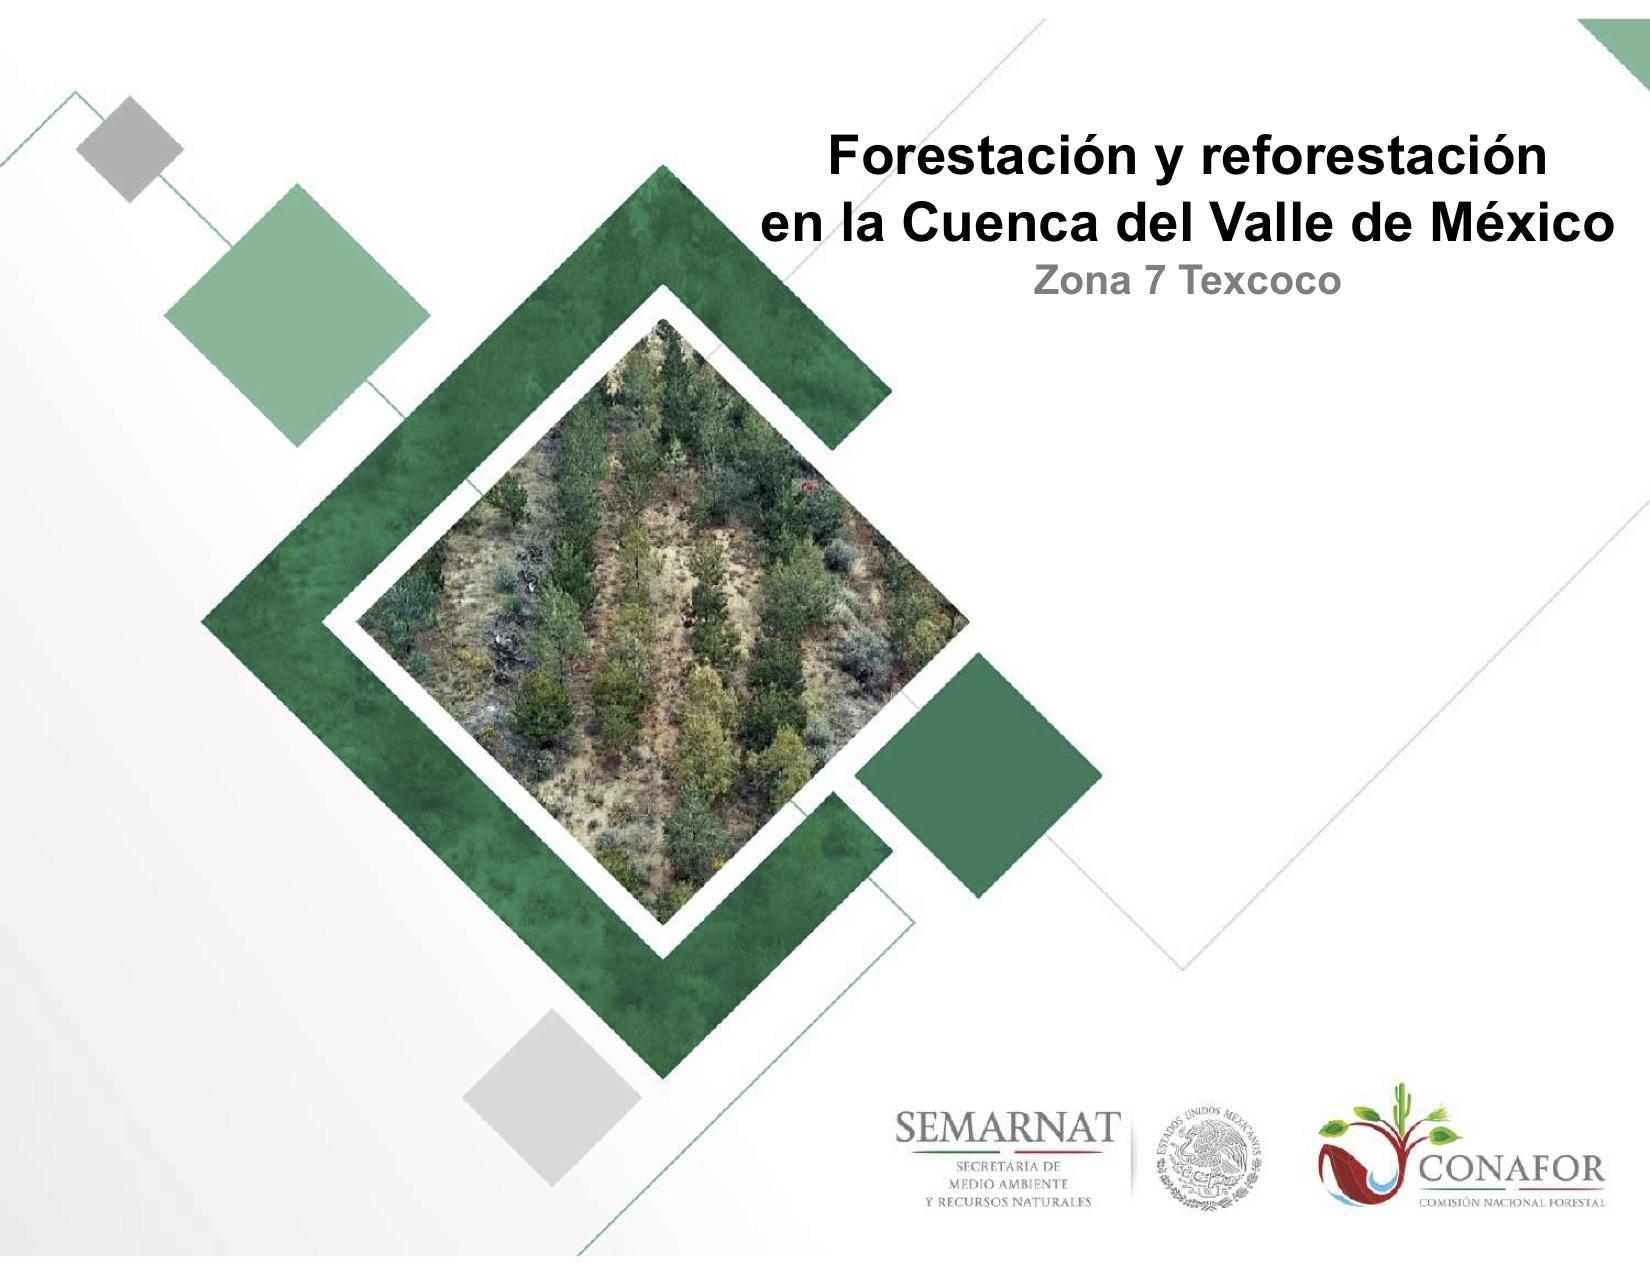 Forestación y reforestación en la Cuenca del Valle de México